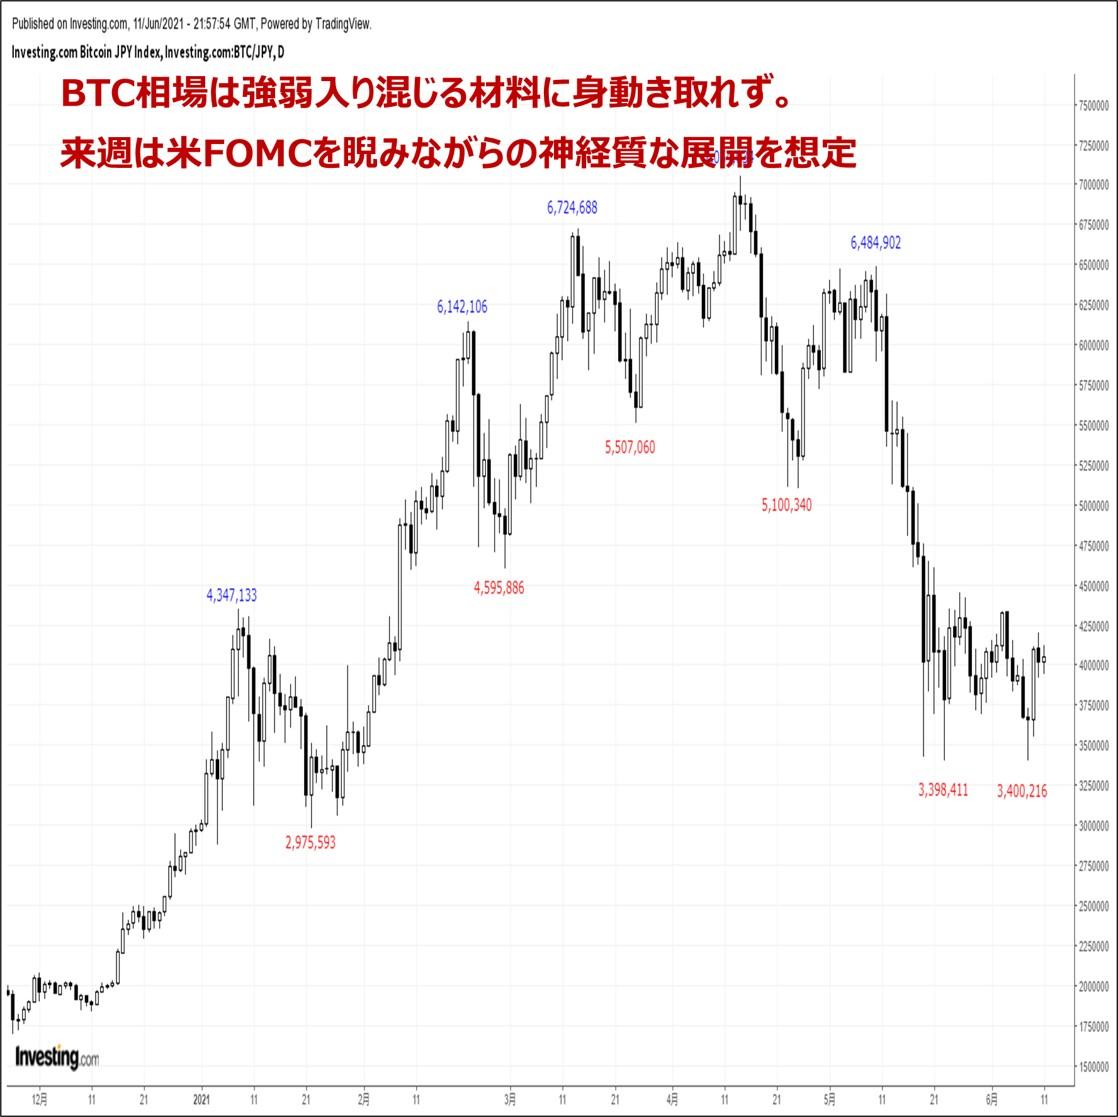 ビットコインの価格分析:『重要イベントを前に神経質な展開。FOMC後の値幅拡大に要注意』(6/12)